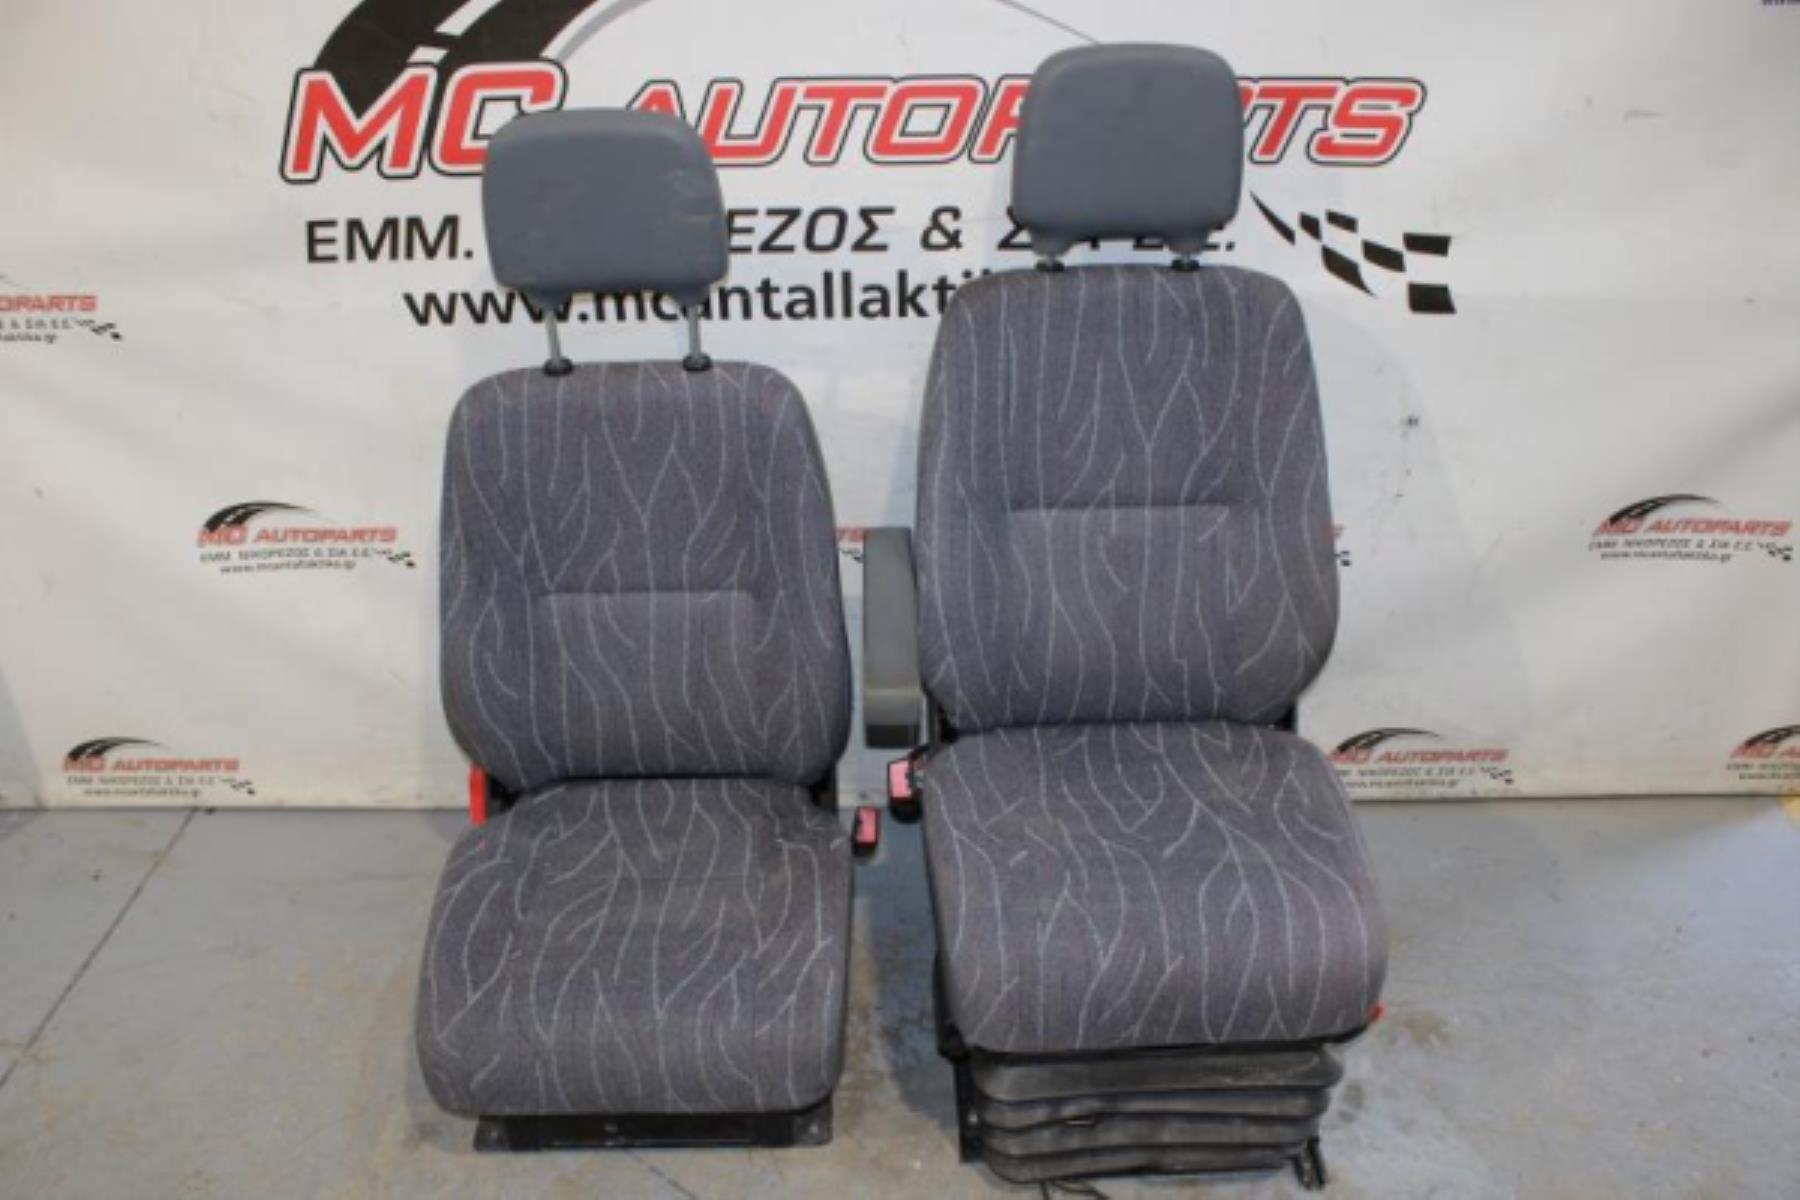 Εικόνα από Σαλόνι  MERCEDES SPRINTER 208-408 (1995-2006)     2 καθίσματα εμπρός, ύφασμα γκρί